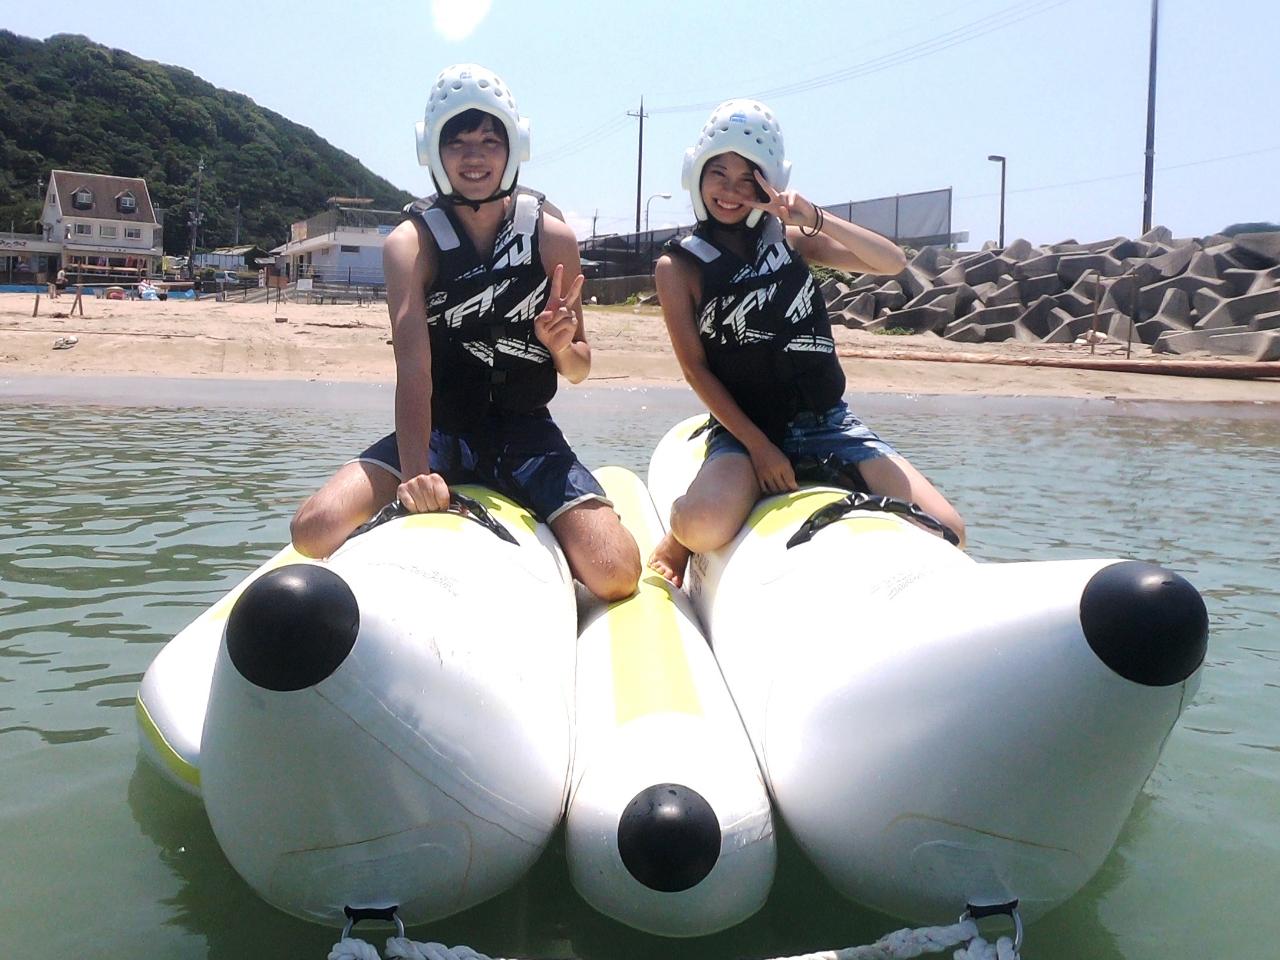 【夏季限定】マリンスポーツ 和歌山市加太海水浴場 ≪バナナボート≫